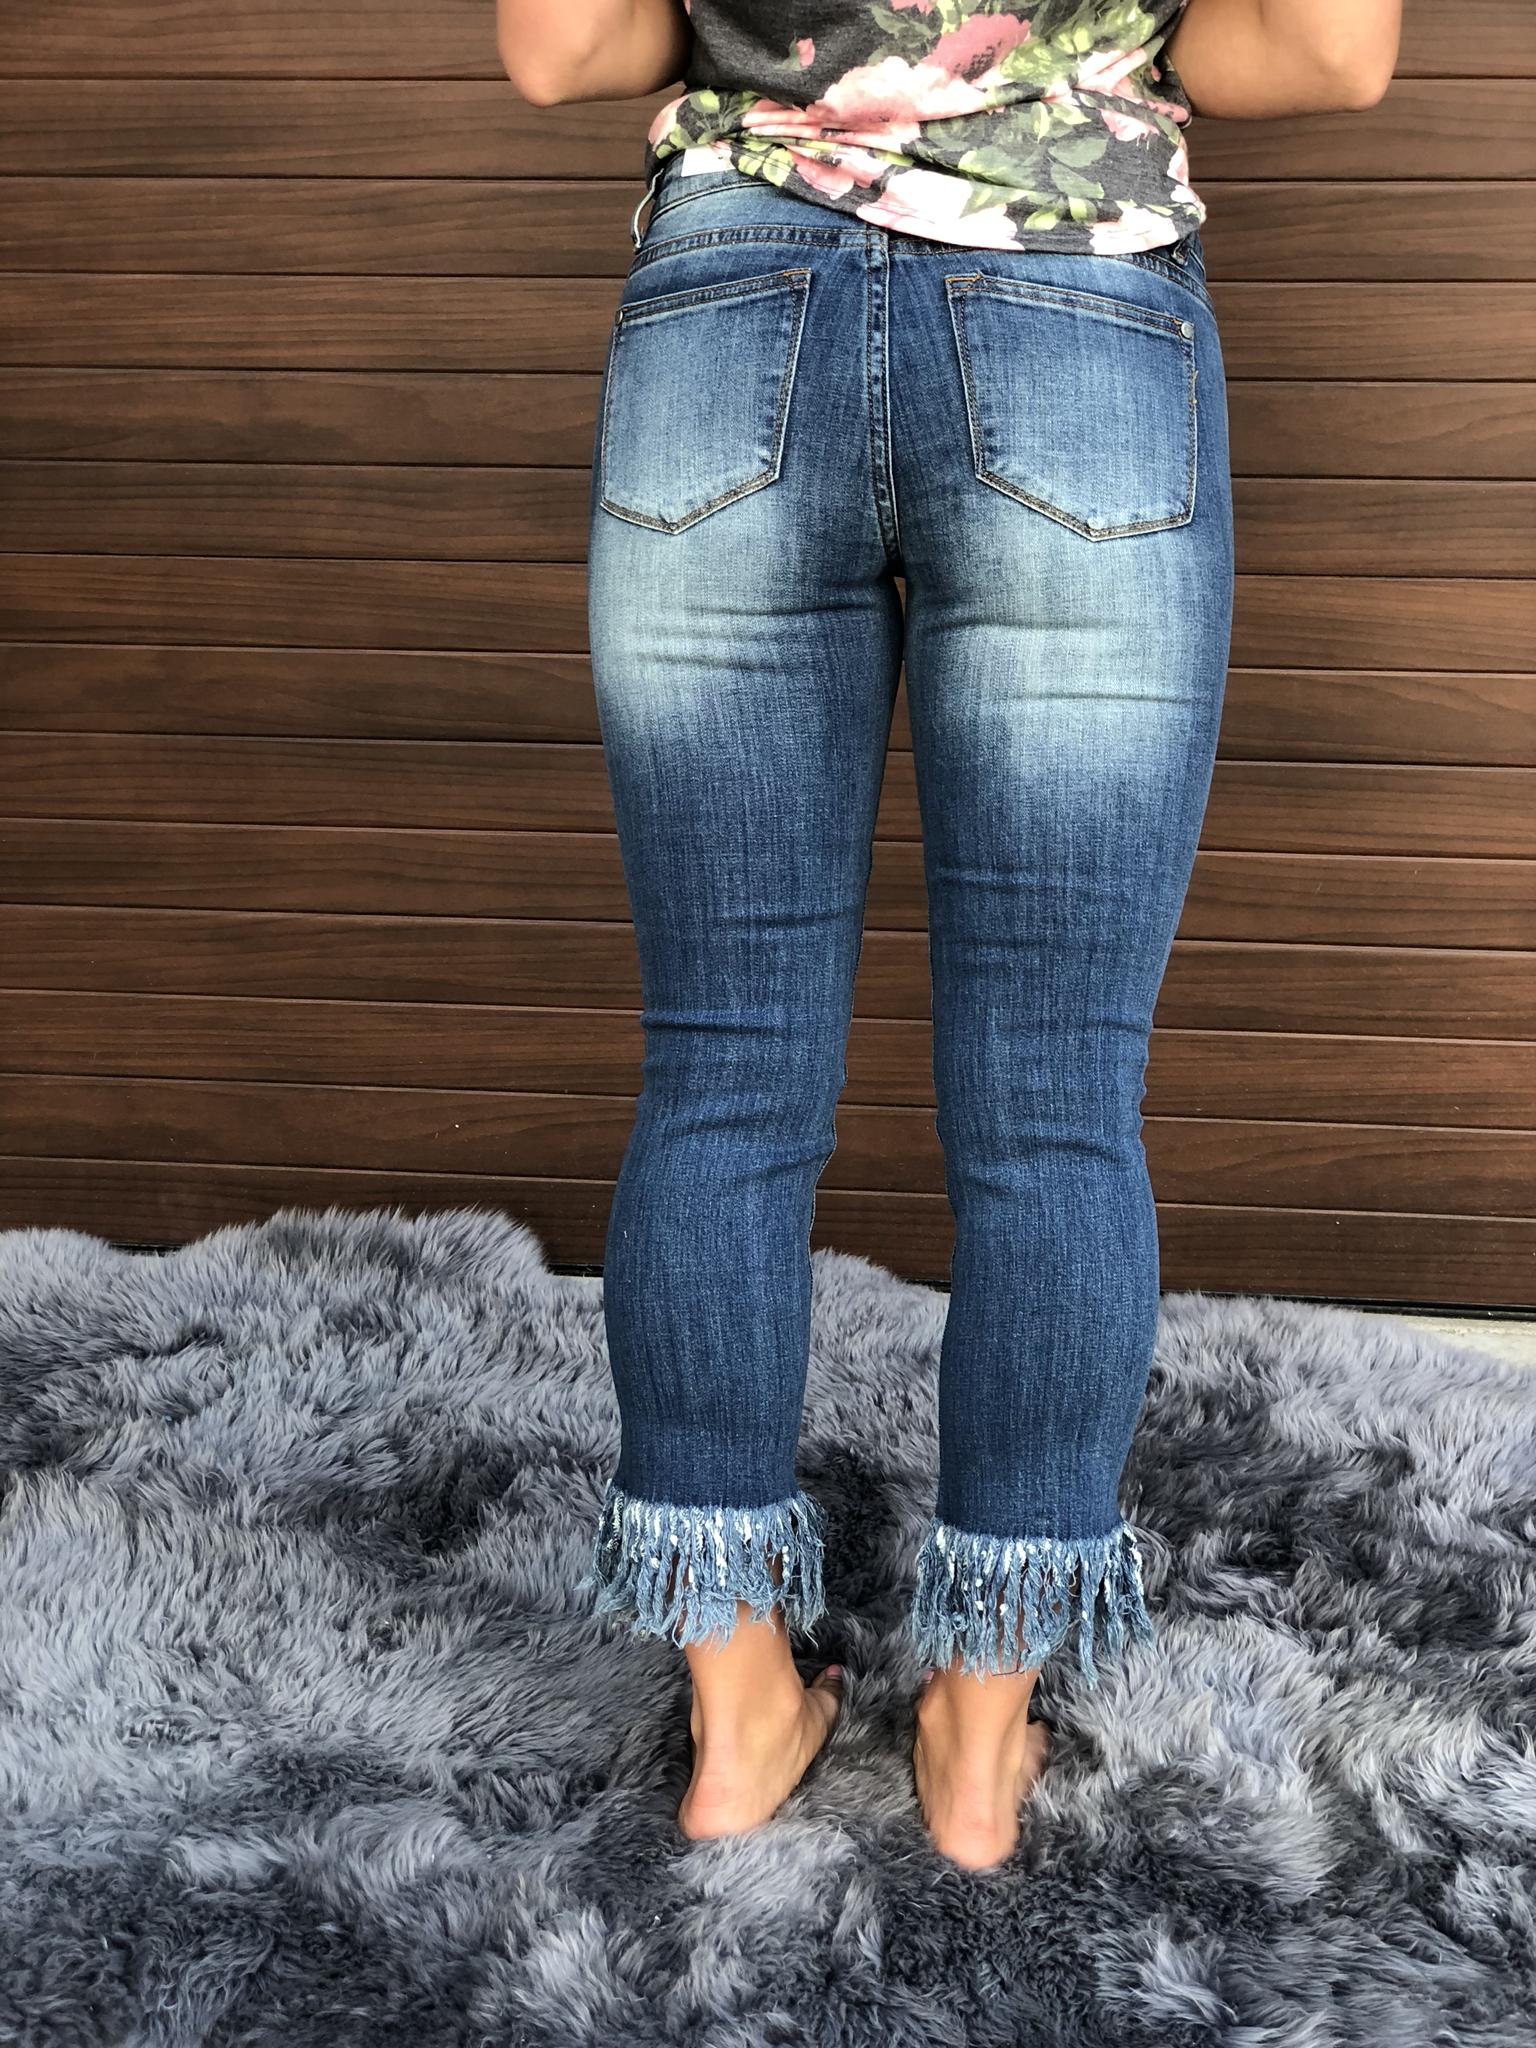 Fringe Crop Jeans 9999084